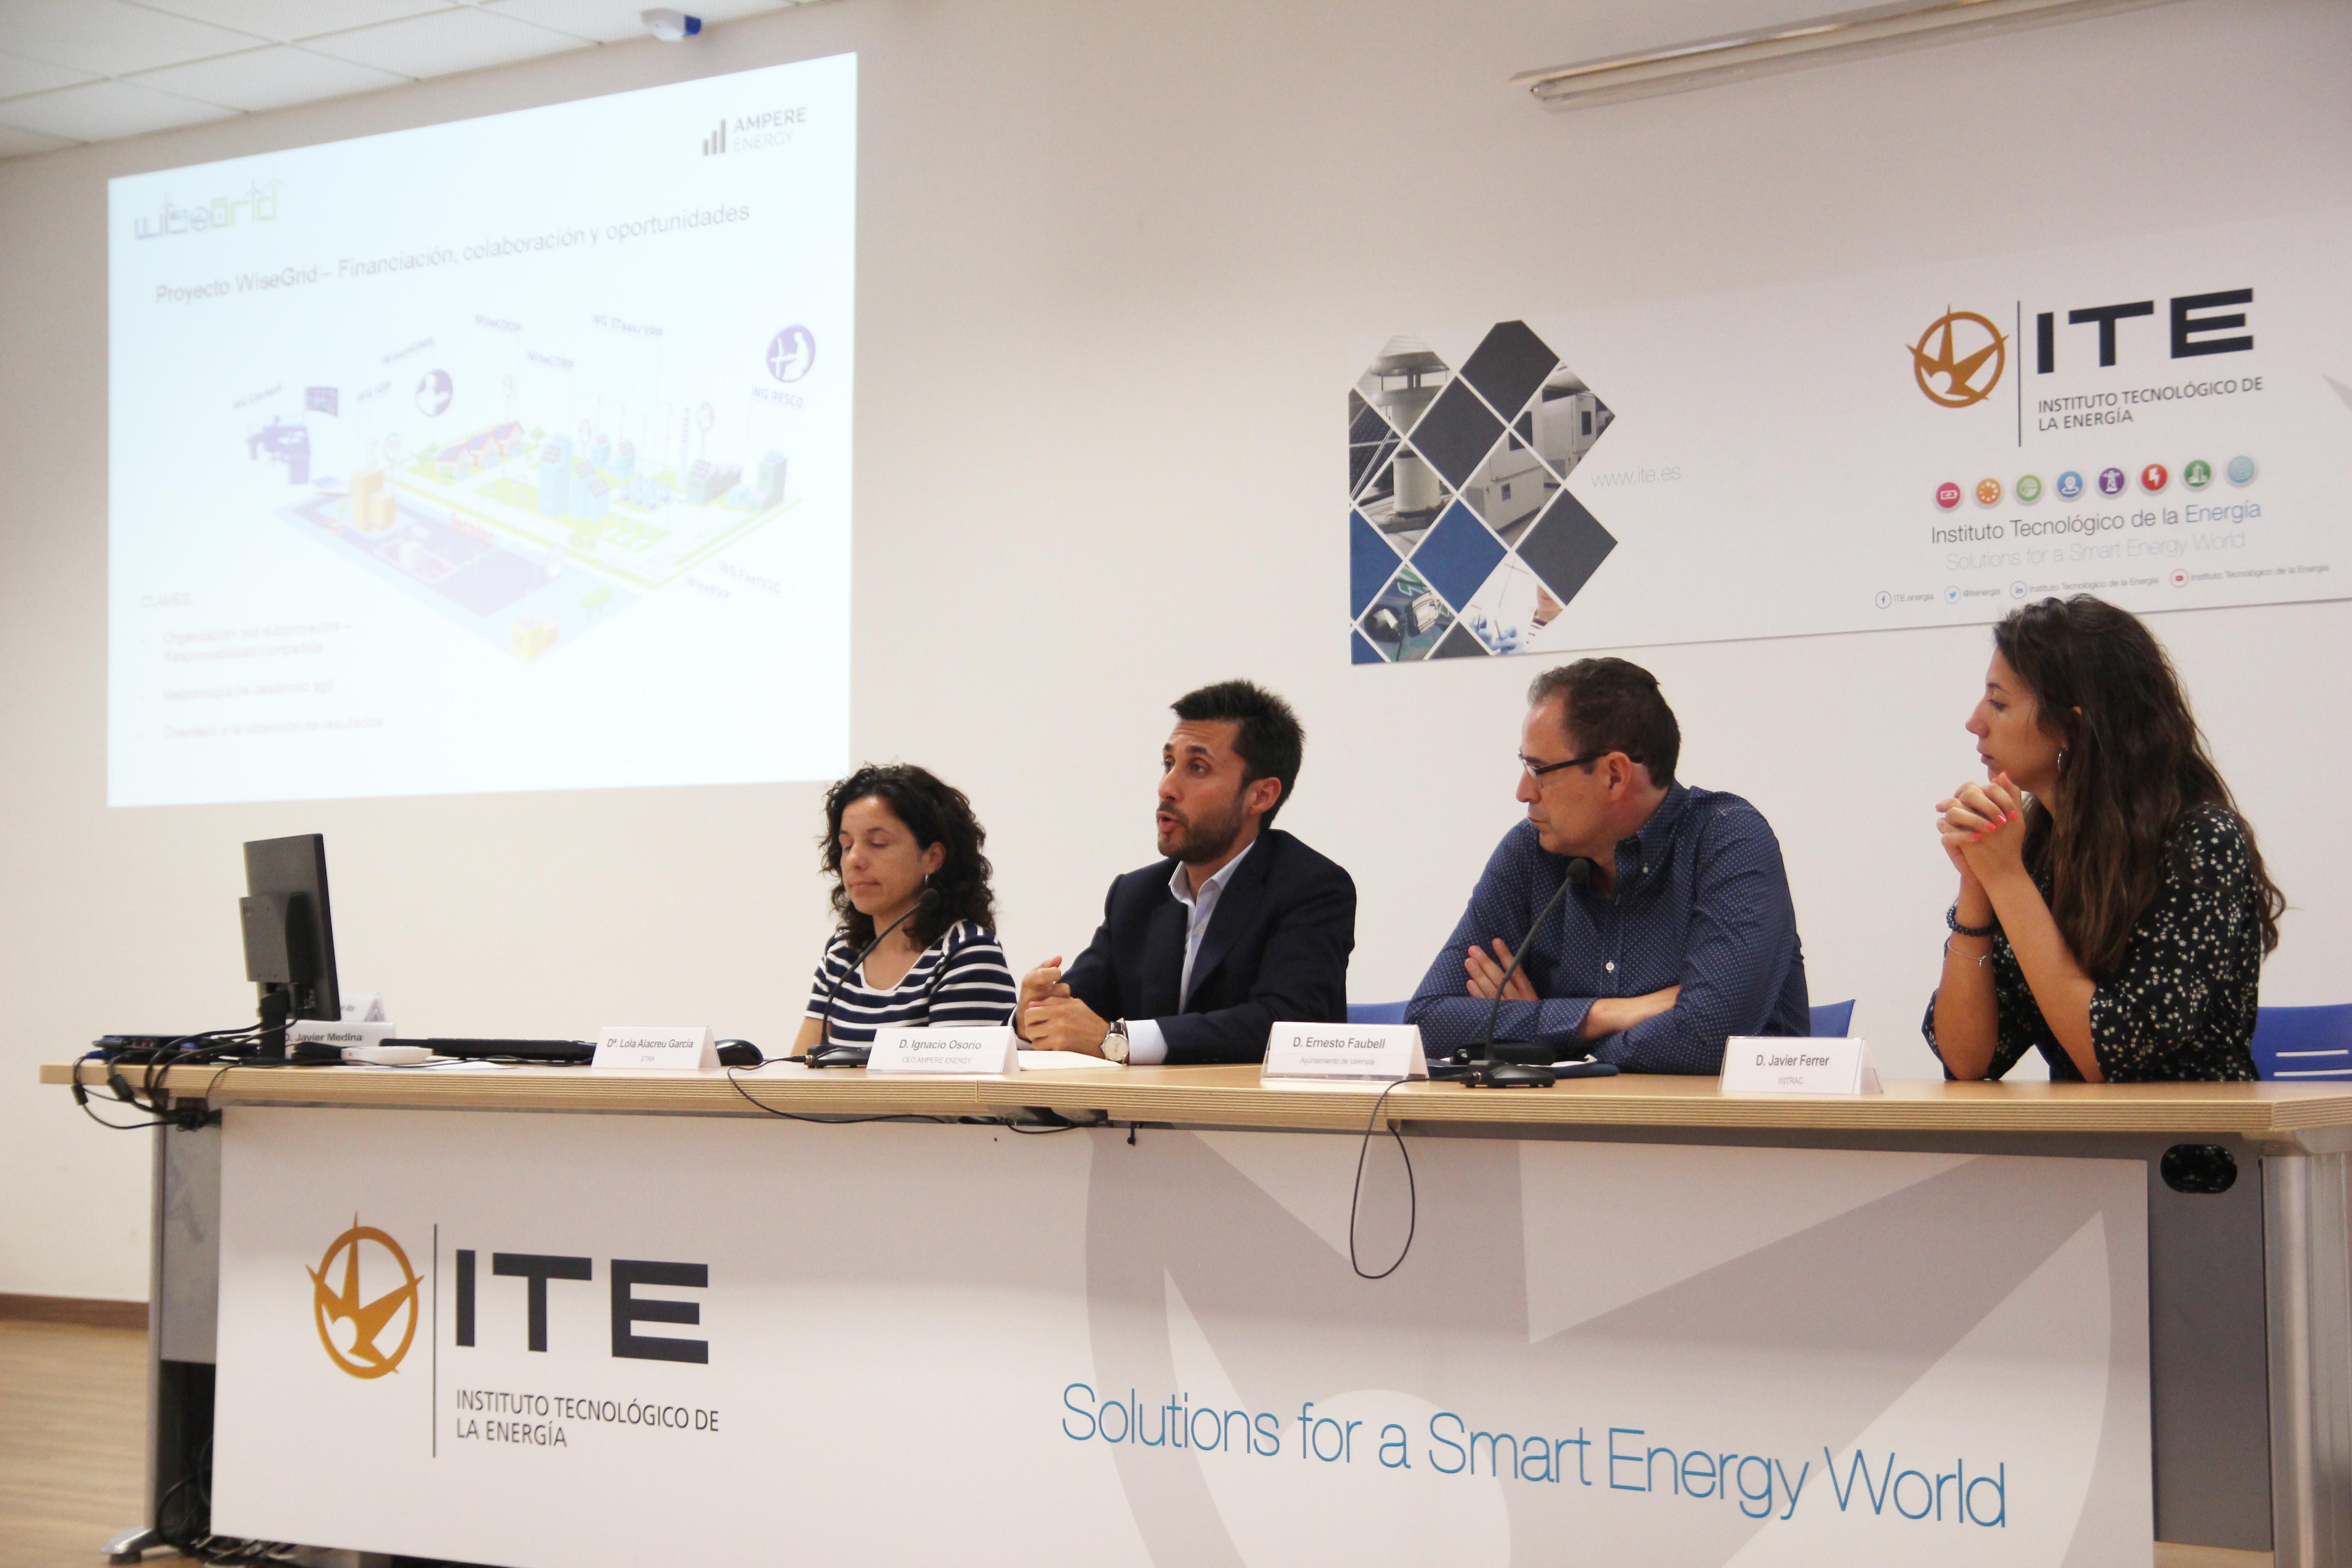 Ampere Energy presenta en el ITE su aportación al proyecto europeo WiseGRID